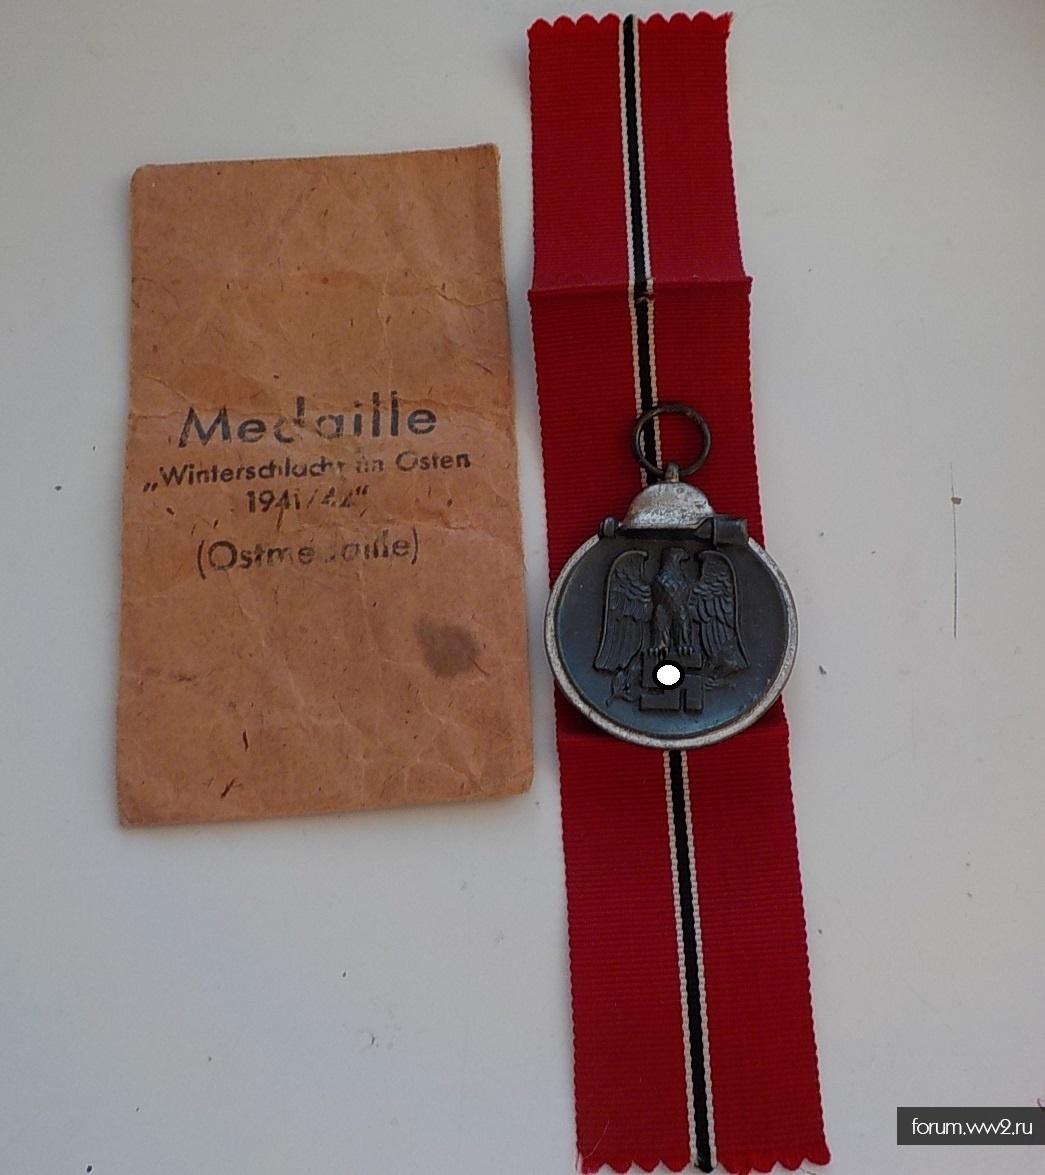 """Медаль """"За зимнюю кампанию на Востоке 1941/42"""" с пакетом."""